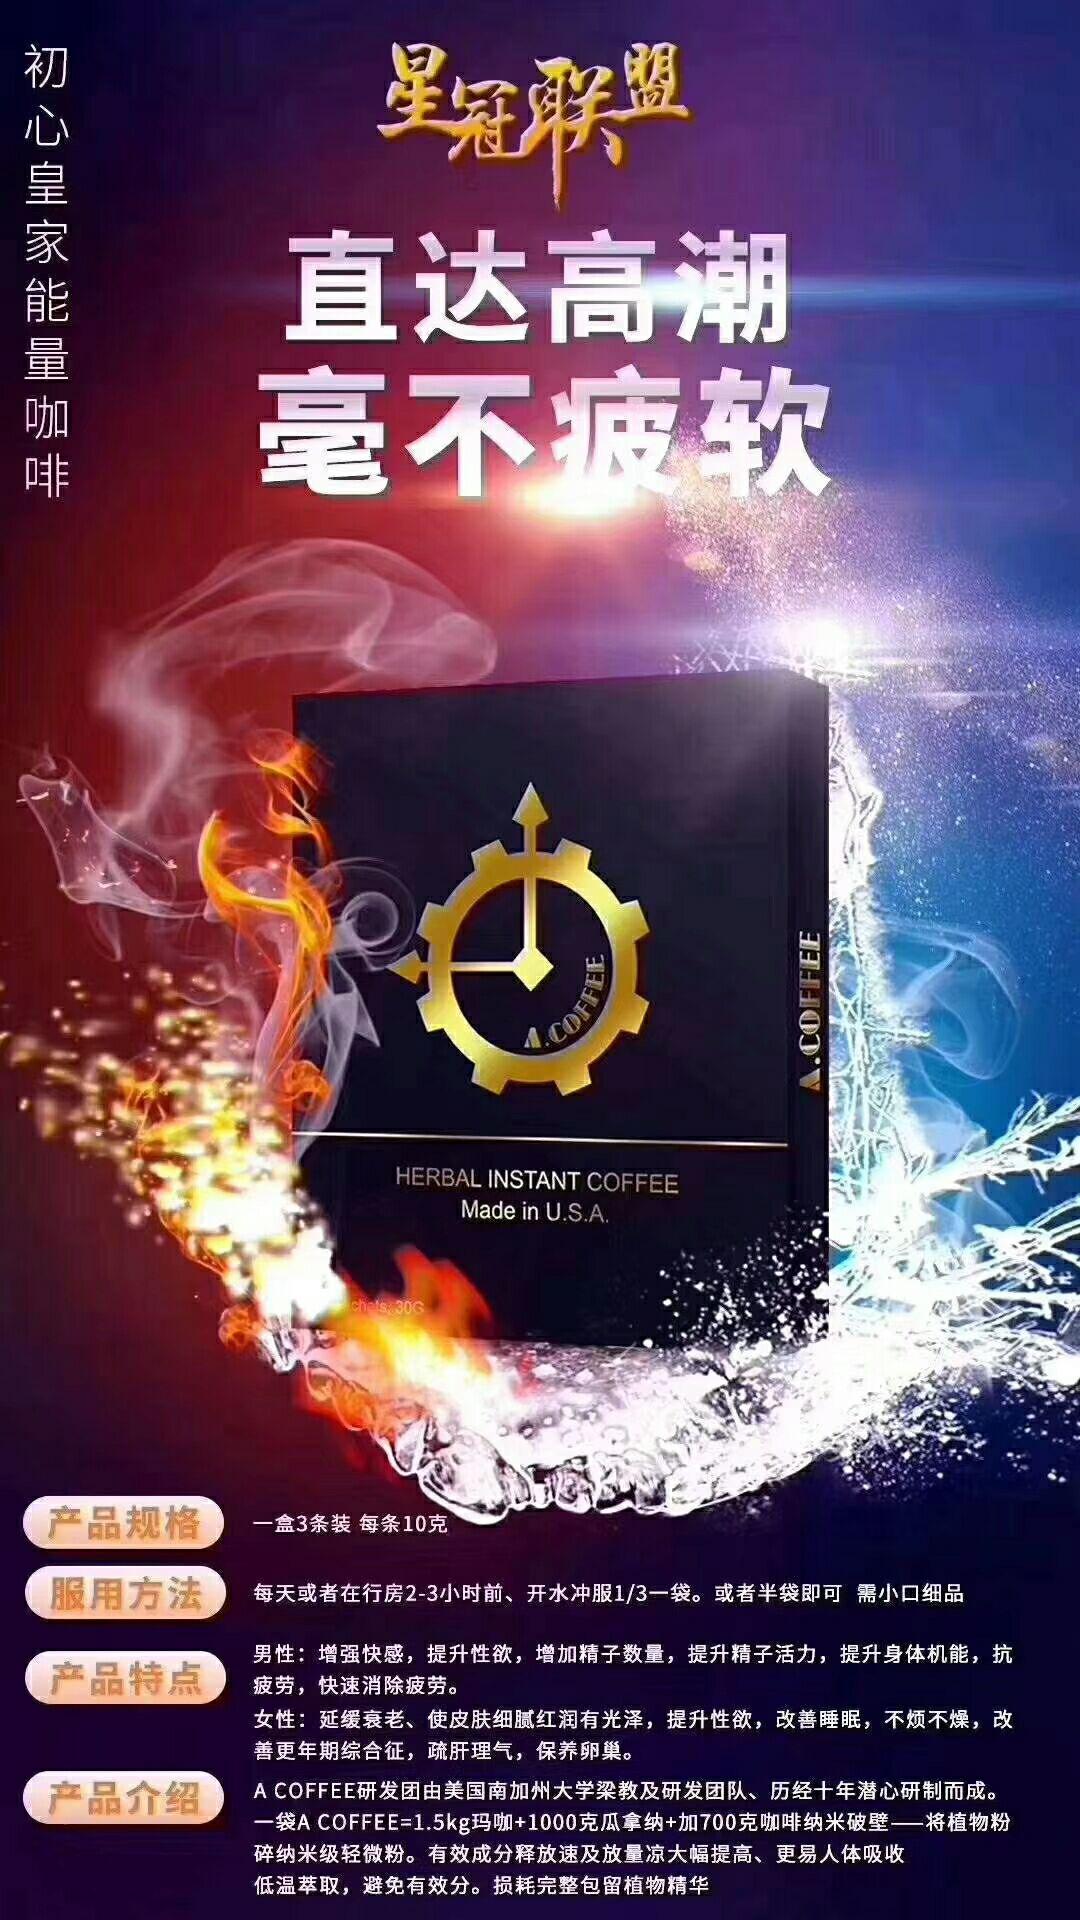 深圳初心美国能量咖啡怎么样,正品授权保证货真价实